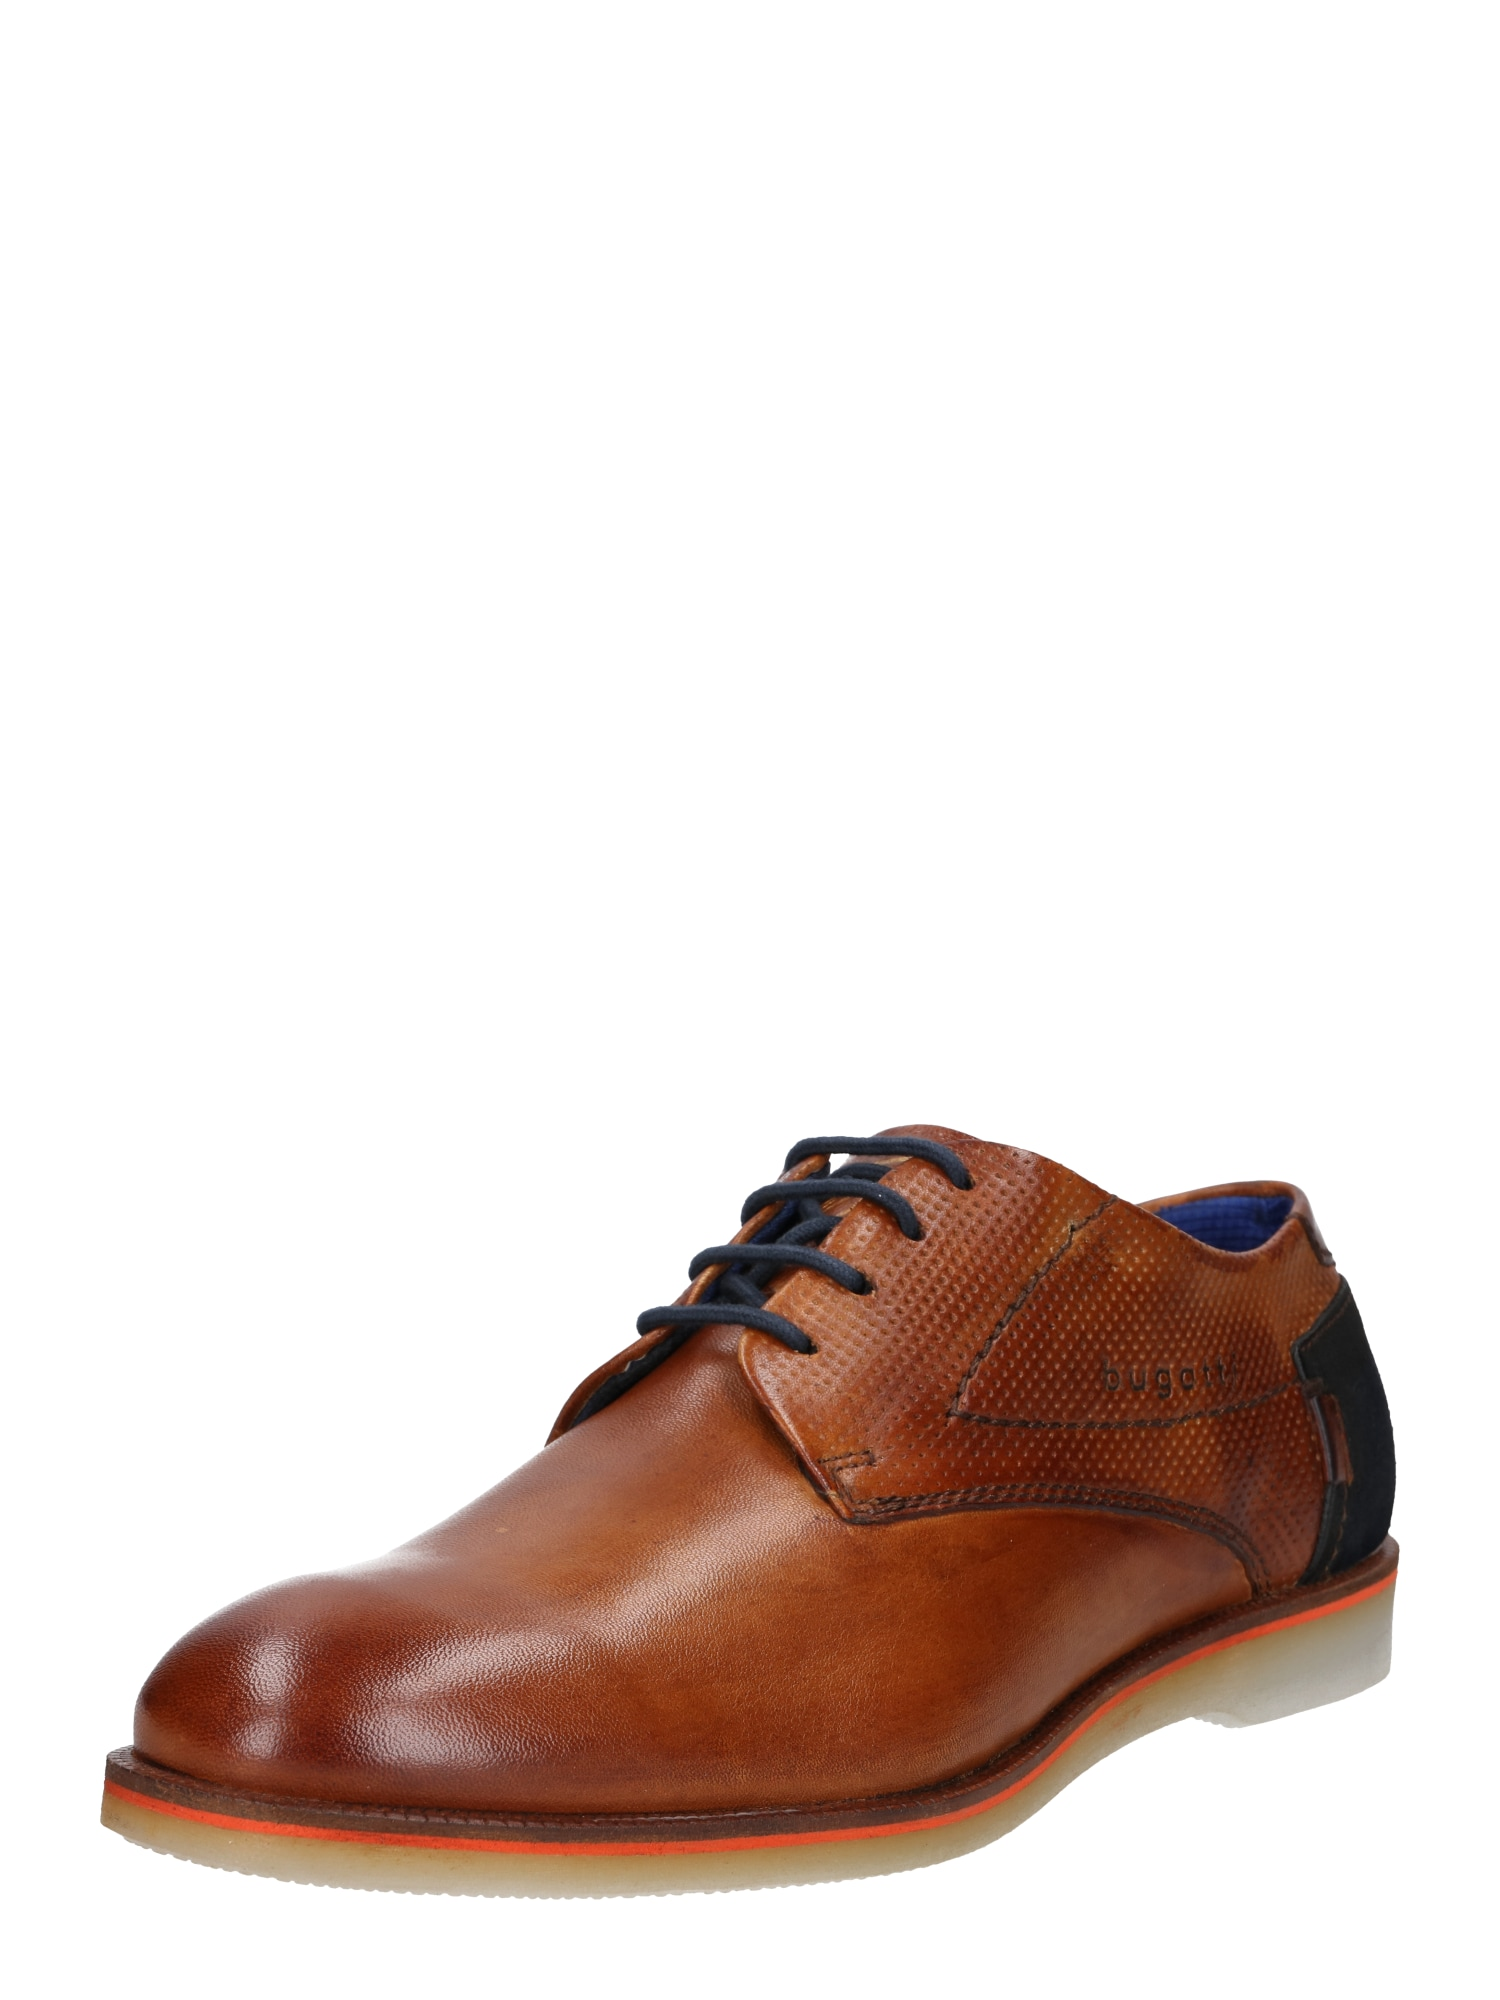 Šněrovací boty Melchiore námořnická modř koňaková Bugatti